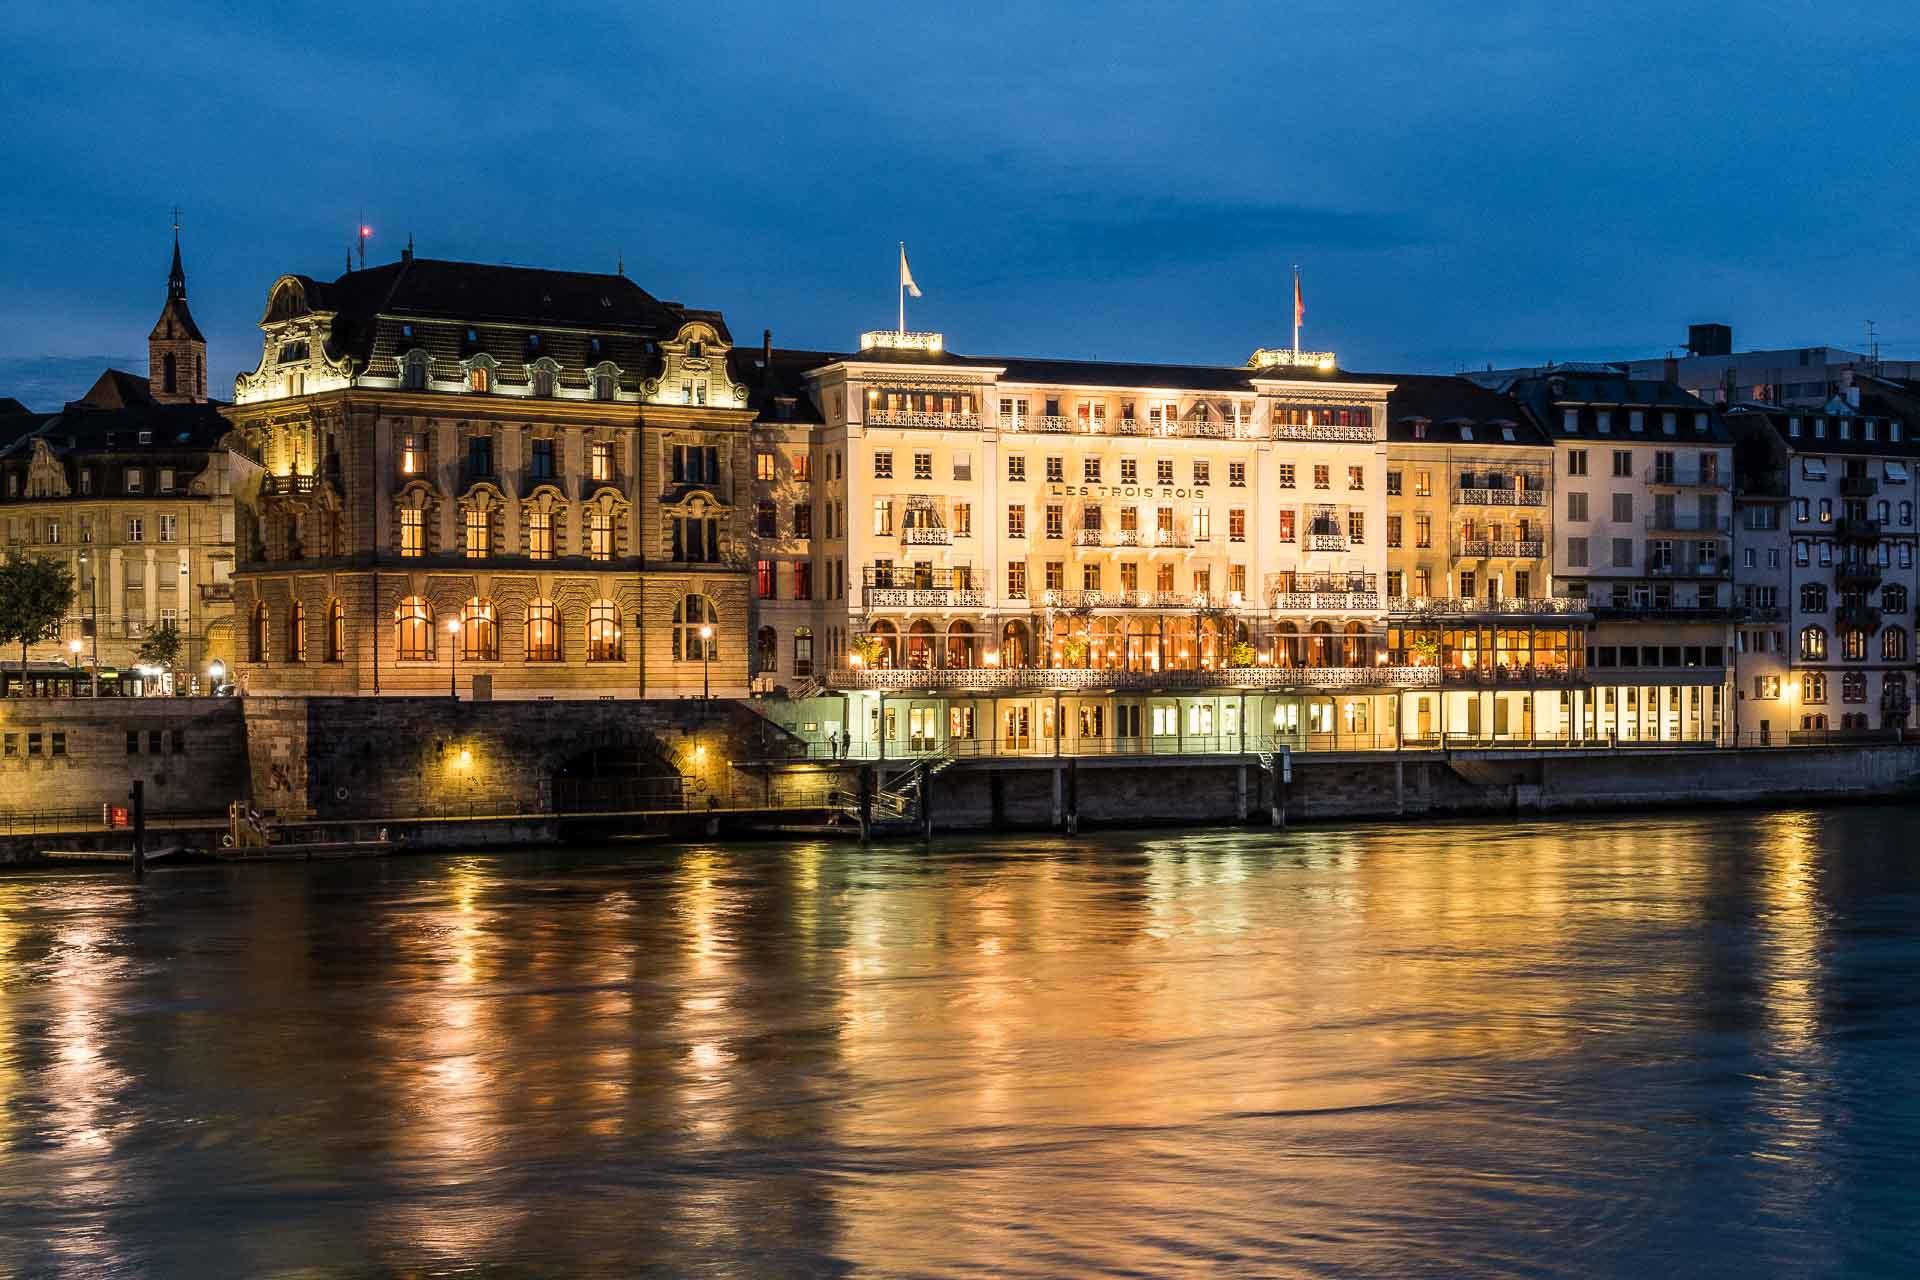 Napoléon, la reine Elisabeth II ou Pablo Picasso ont tous en commun d'avoir séjourné aux Trois Rois, le grand hôtel le plus prestigieux de Bâle. Coup de projecteur sur une adresse légendaire, où l'on dîne aussi bien (trois-étoiles Michelin) que l'on dort !